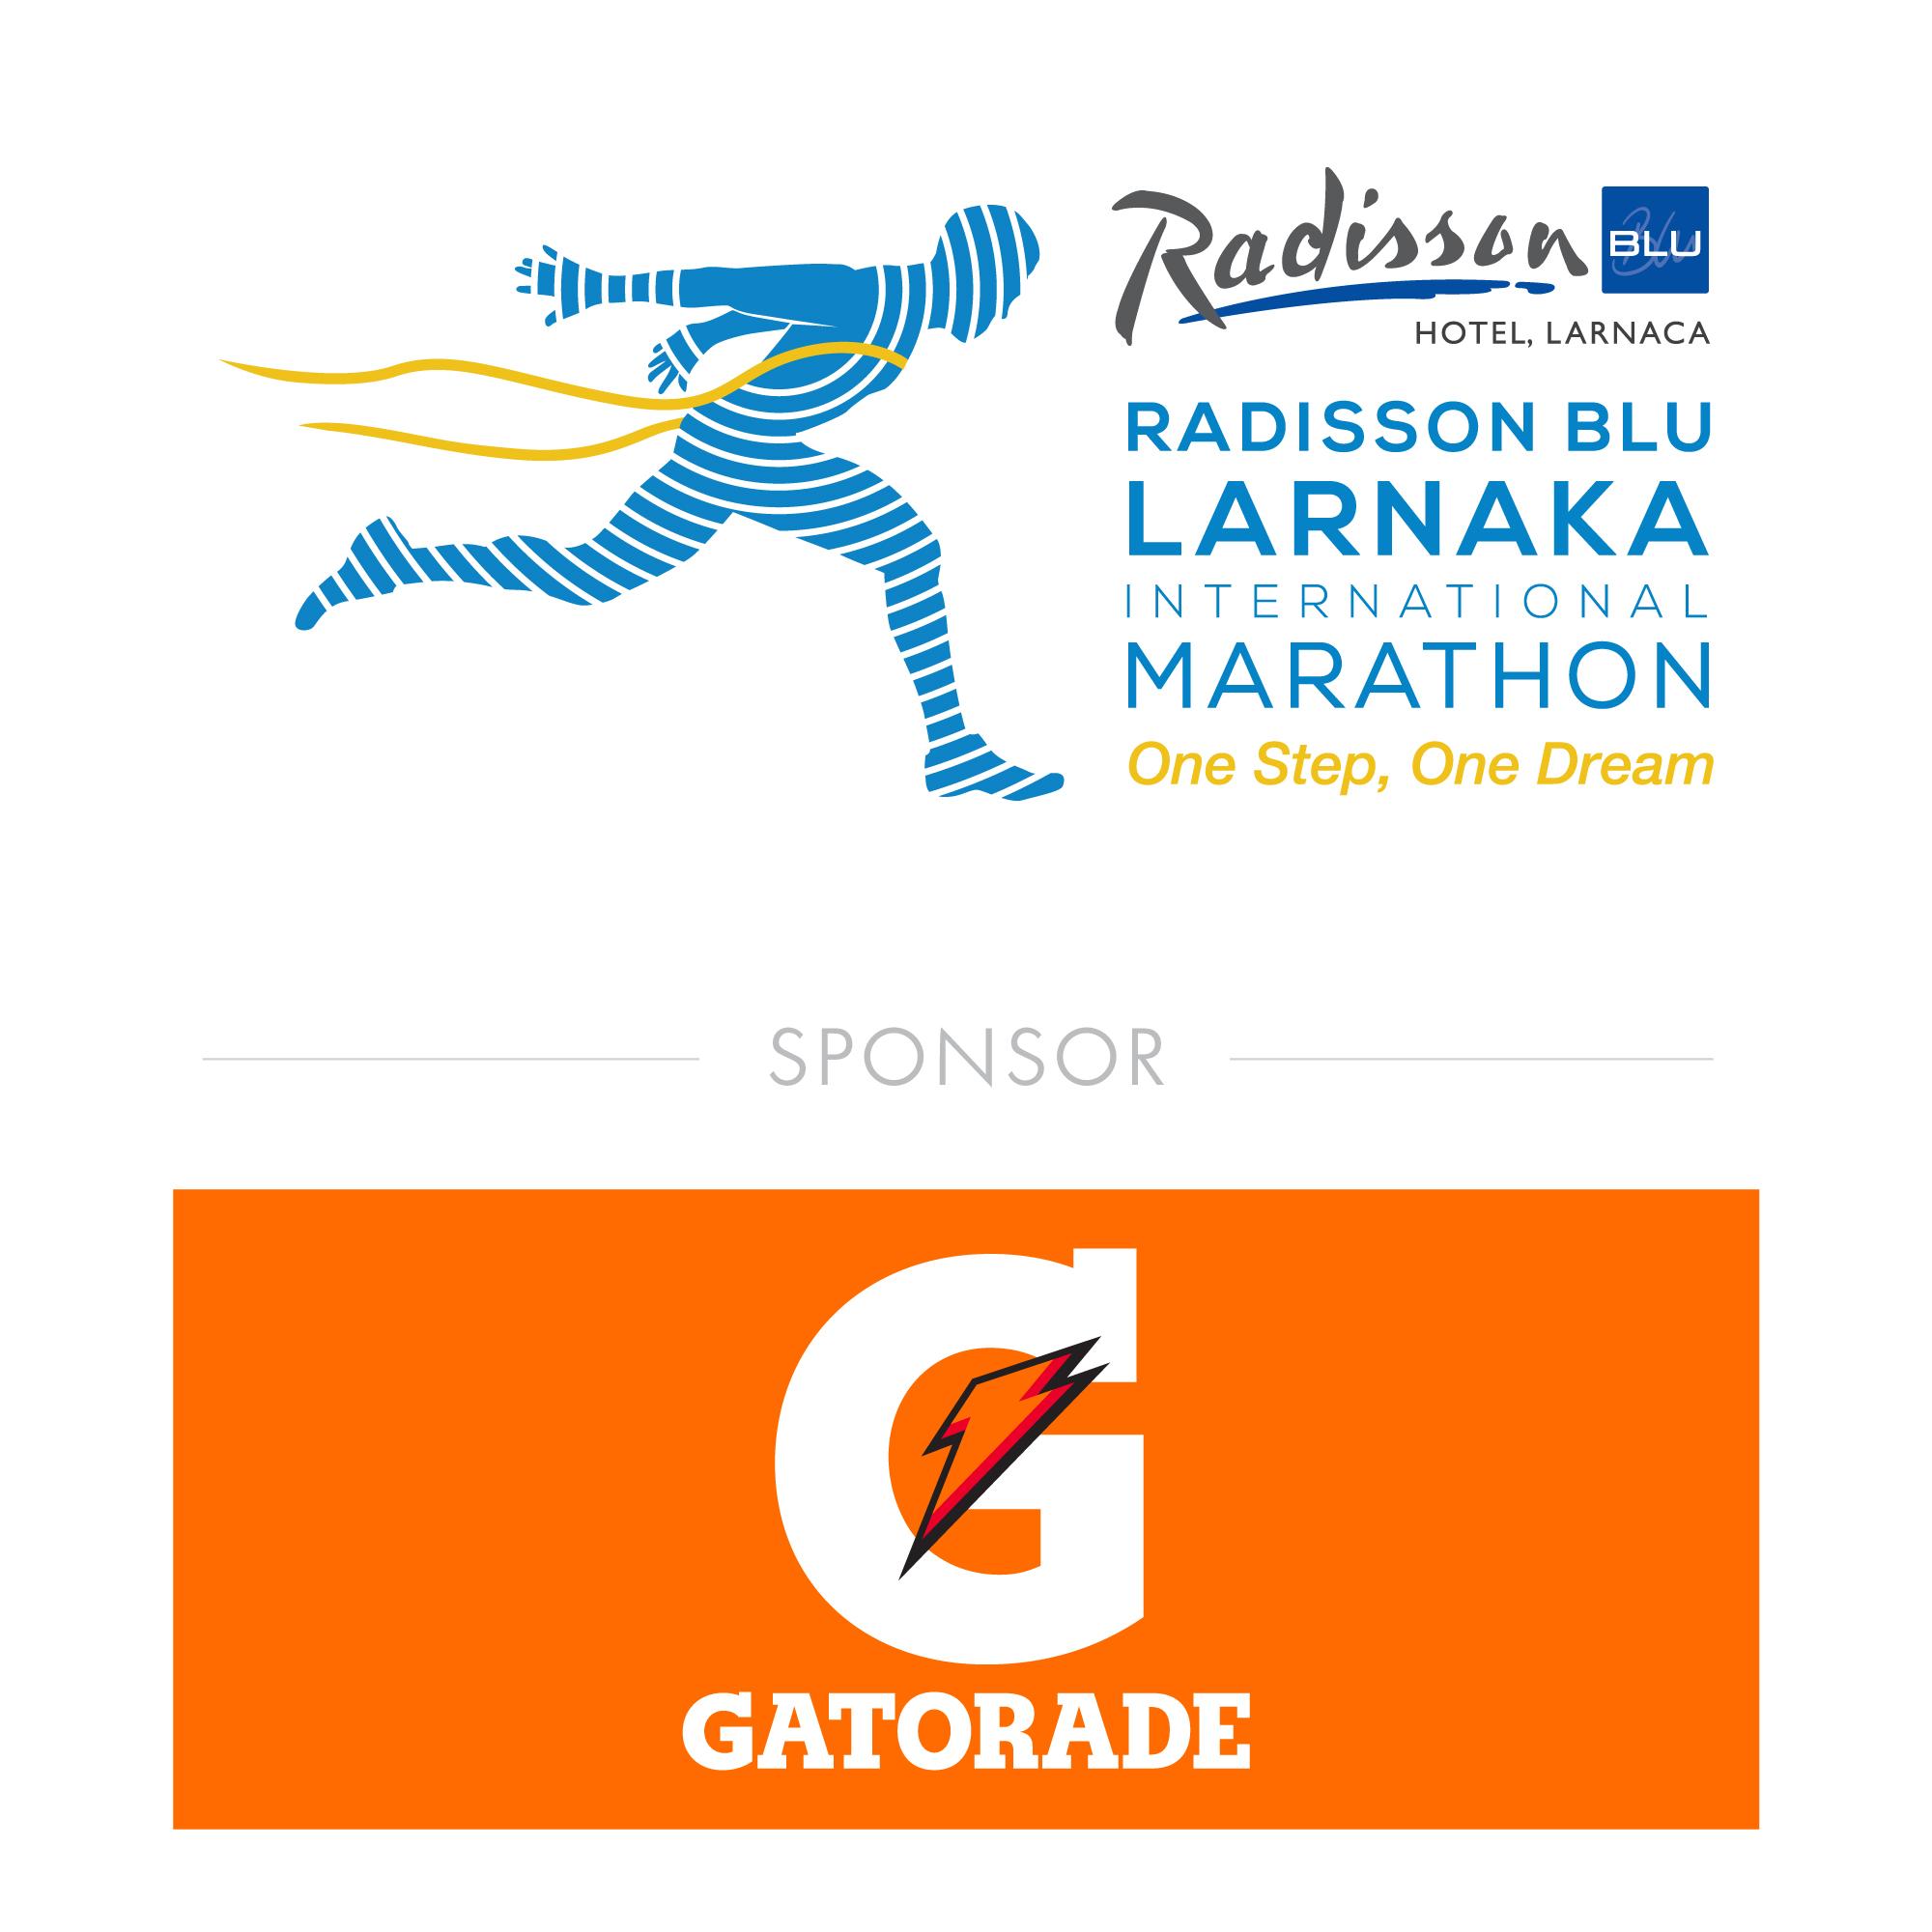 Τρίτη, 15 Οκτωβρίου 2019 Το Gatorade δίνει διάθεση για δράση στους δρομείς του Radisson Blu Larnaka International Marathon